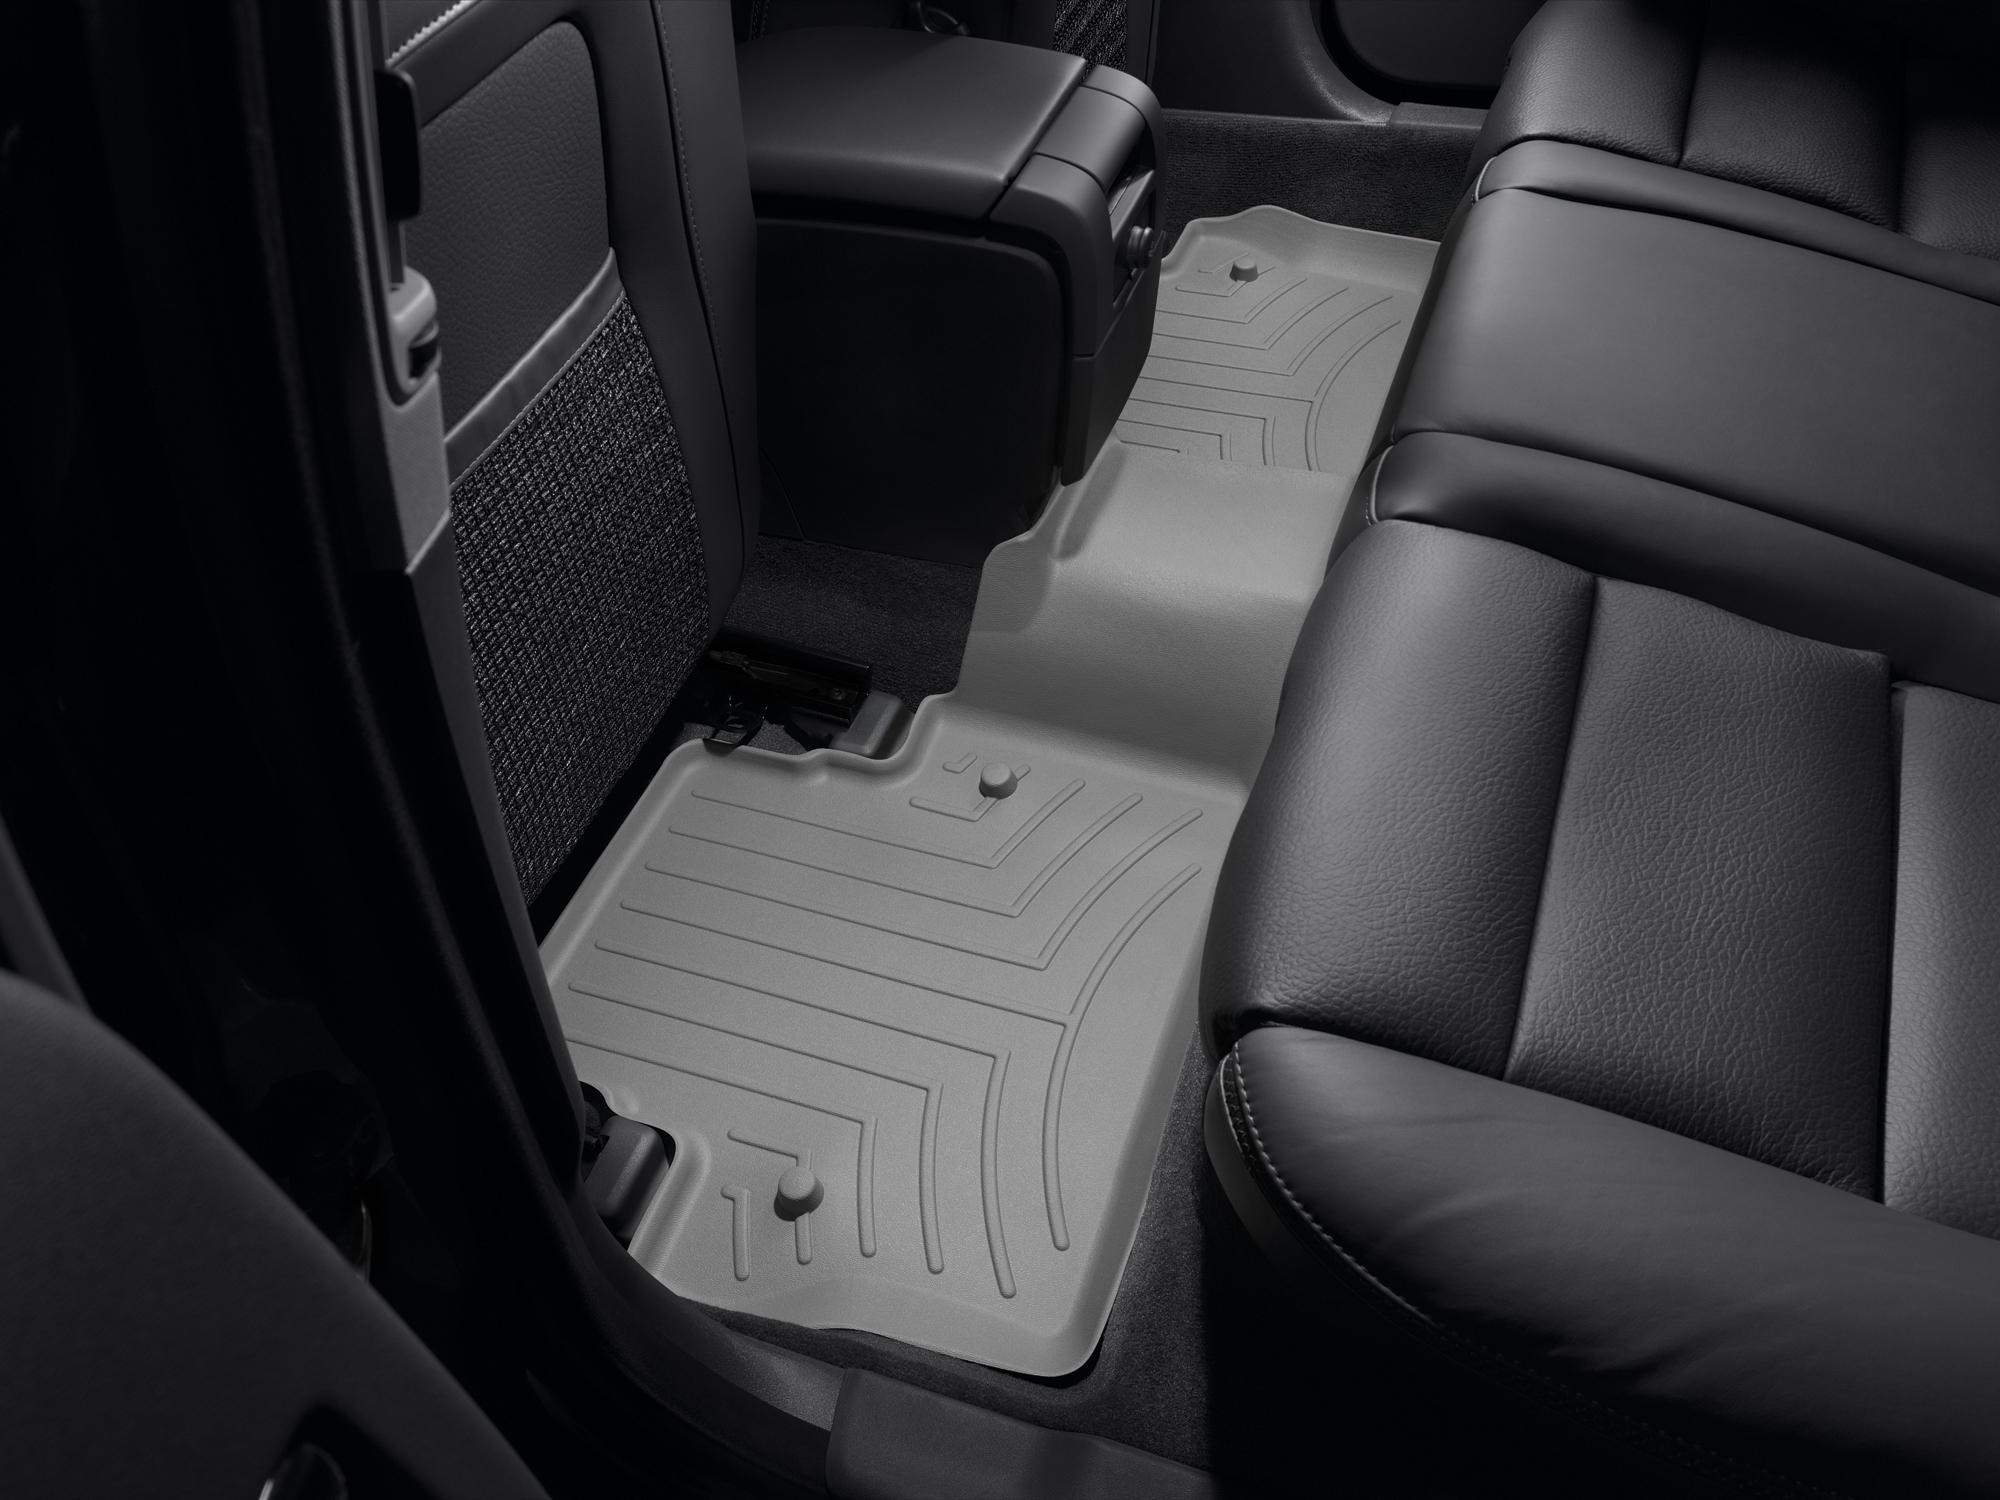 Tappeti gomma su misura bordo alto Volvo V70 08>17 Grigio A4414*